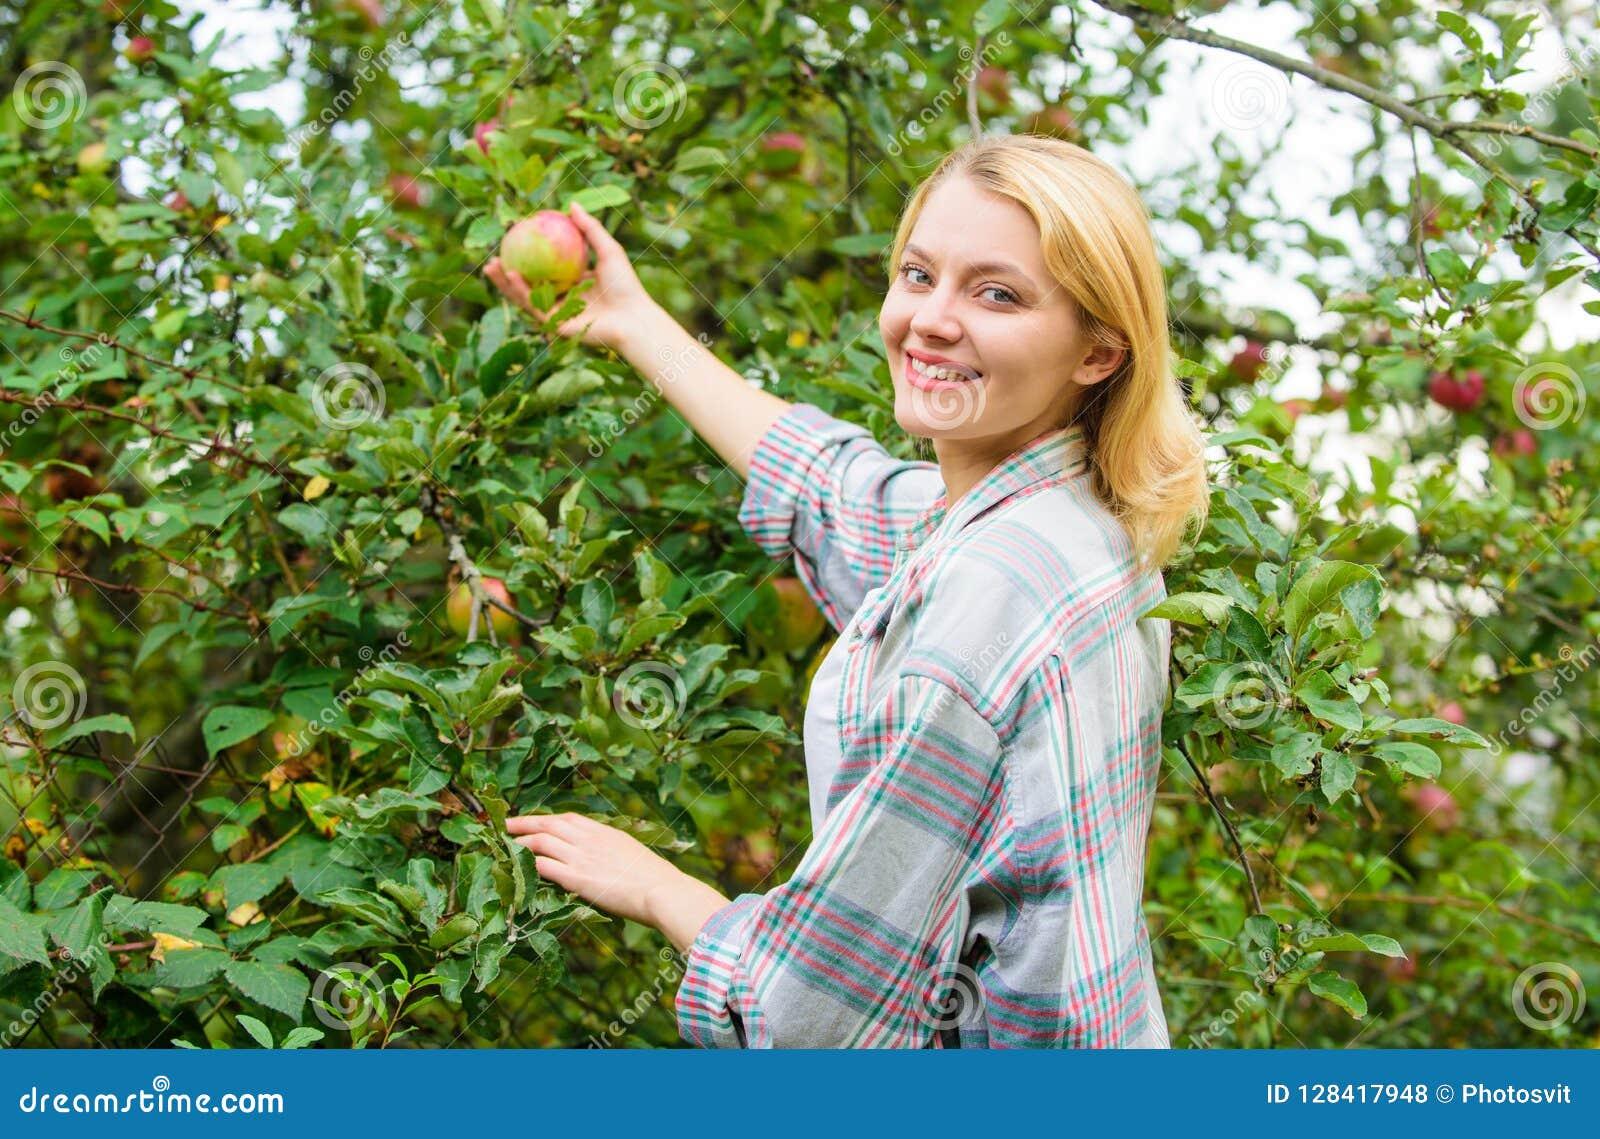 Mädchenversammlungsapfelerntegarten-Herbsttag Landwirtdame, die reife Frucht vom Baum auswählt Ernten des Konzeptes Frauengriff